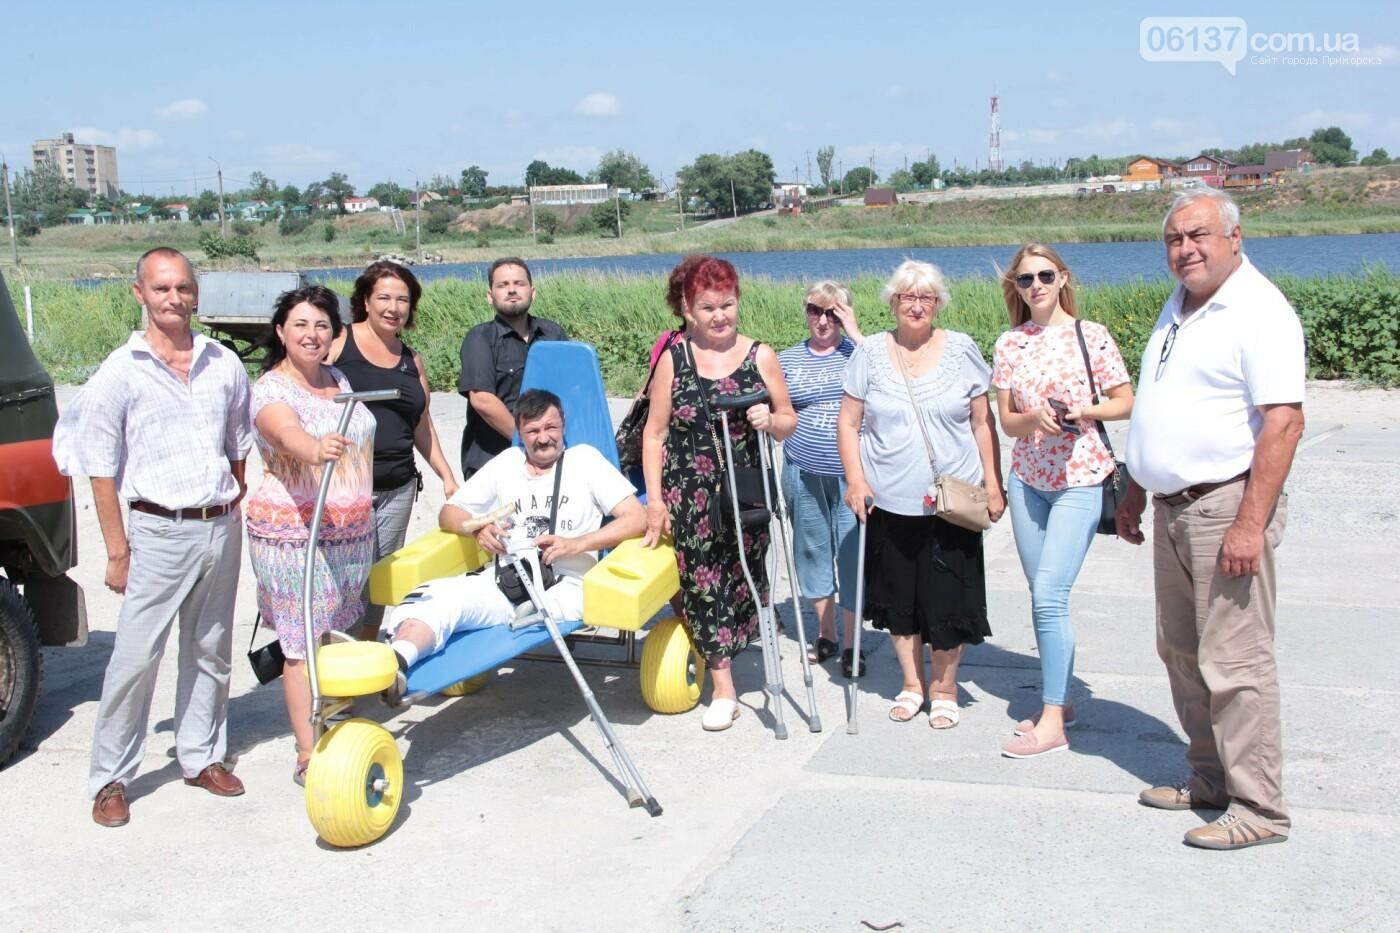 В Приморську Запорізької області на центральному  пляжі відкривають інклюзивну локацію для людей з інвалідністю, фото-1